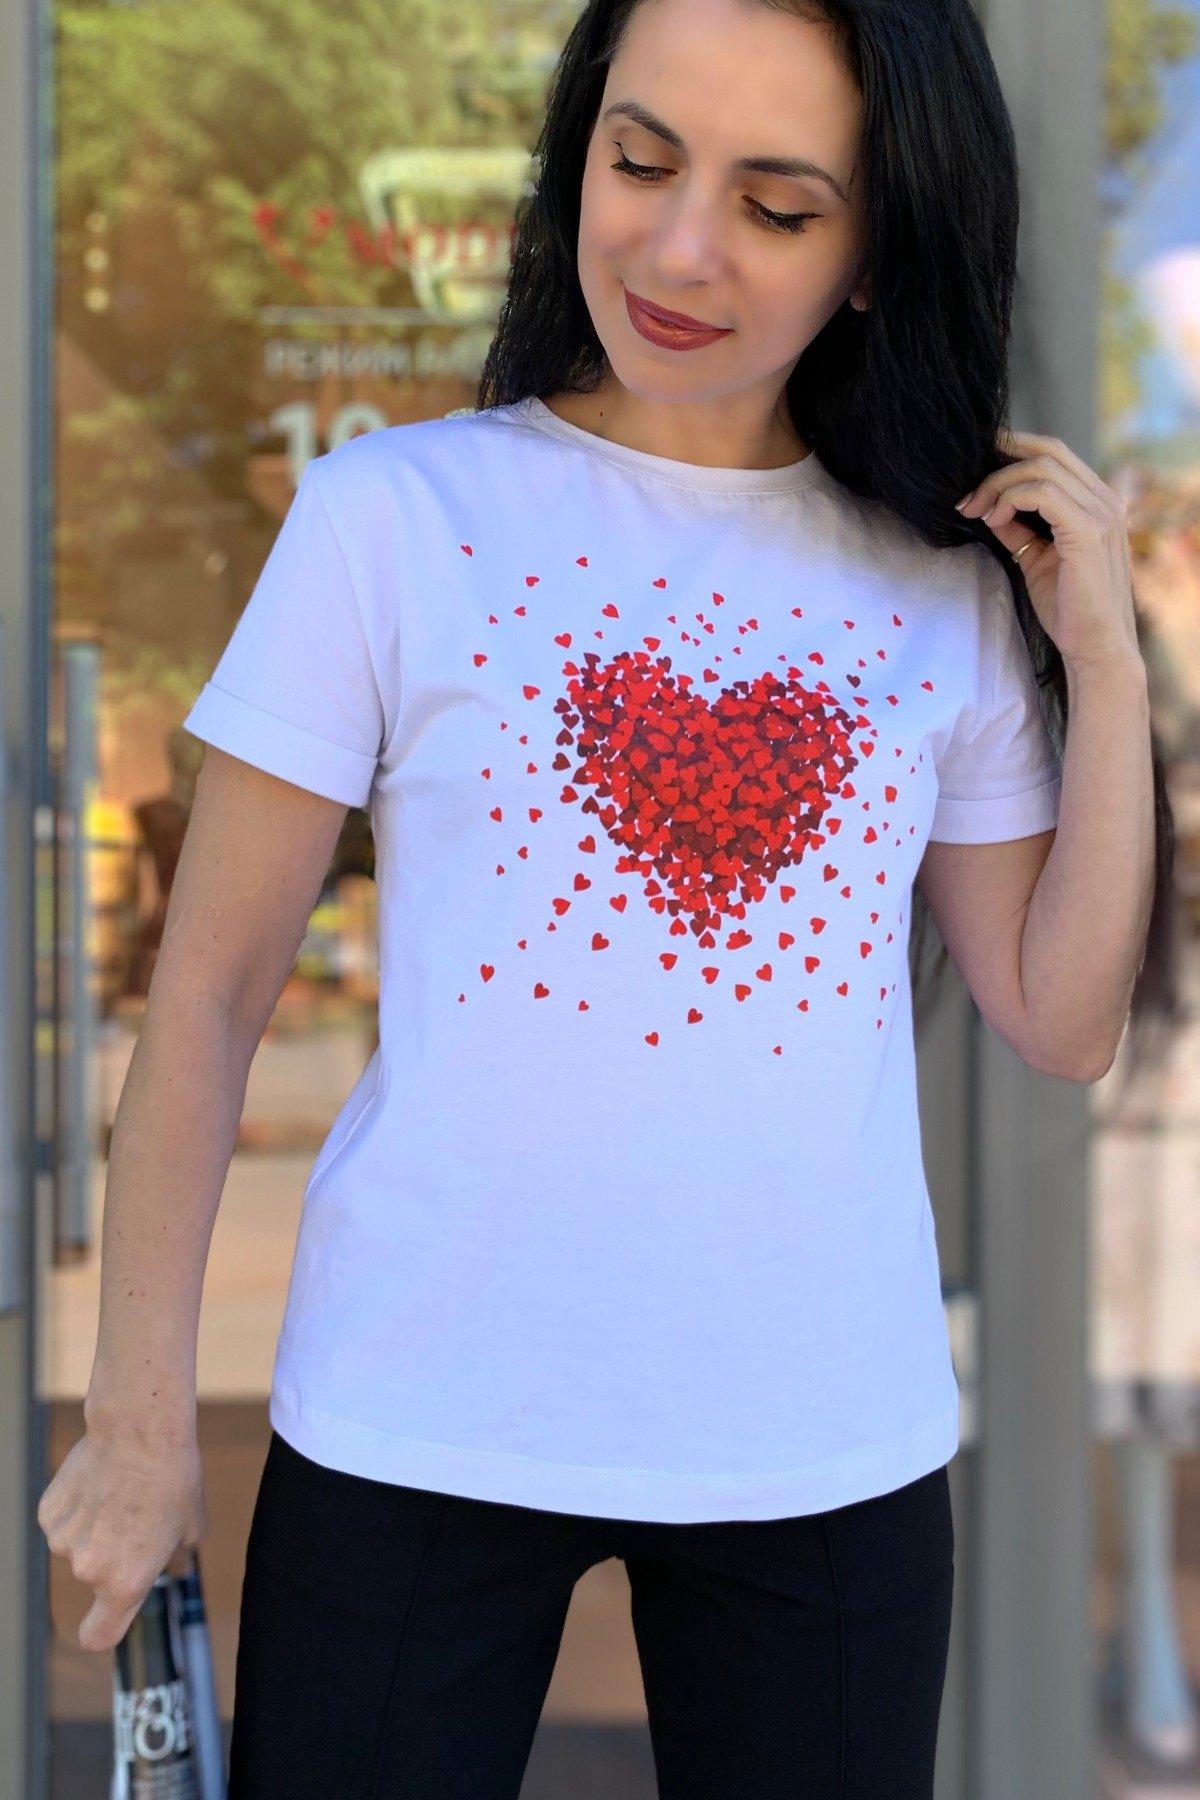 Футболка Сердце 9216 АРТ. 45557 Цвет: Белый - фото 4, интернет магазин tm-modus.ru